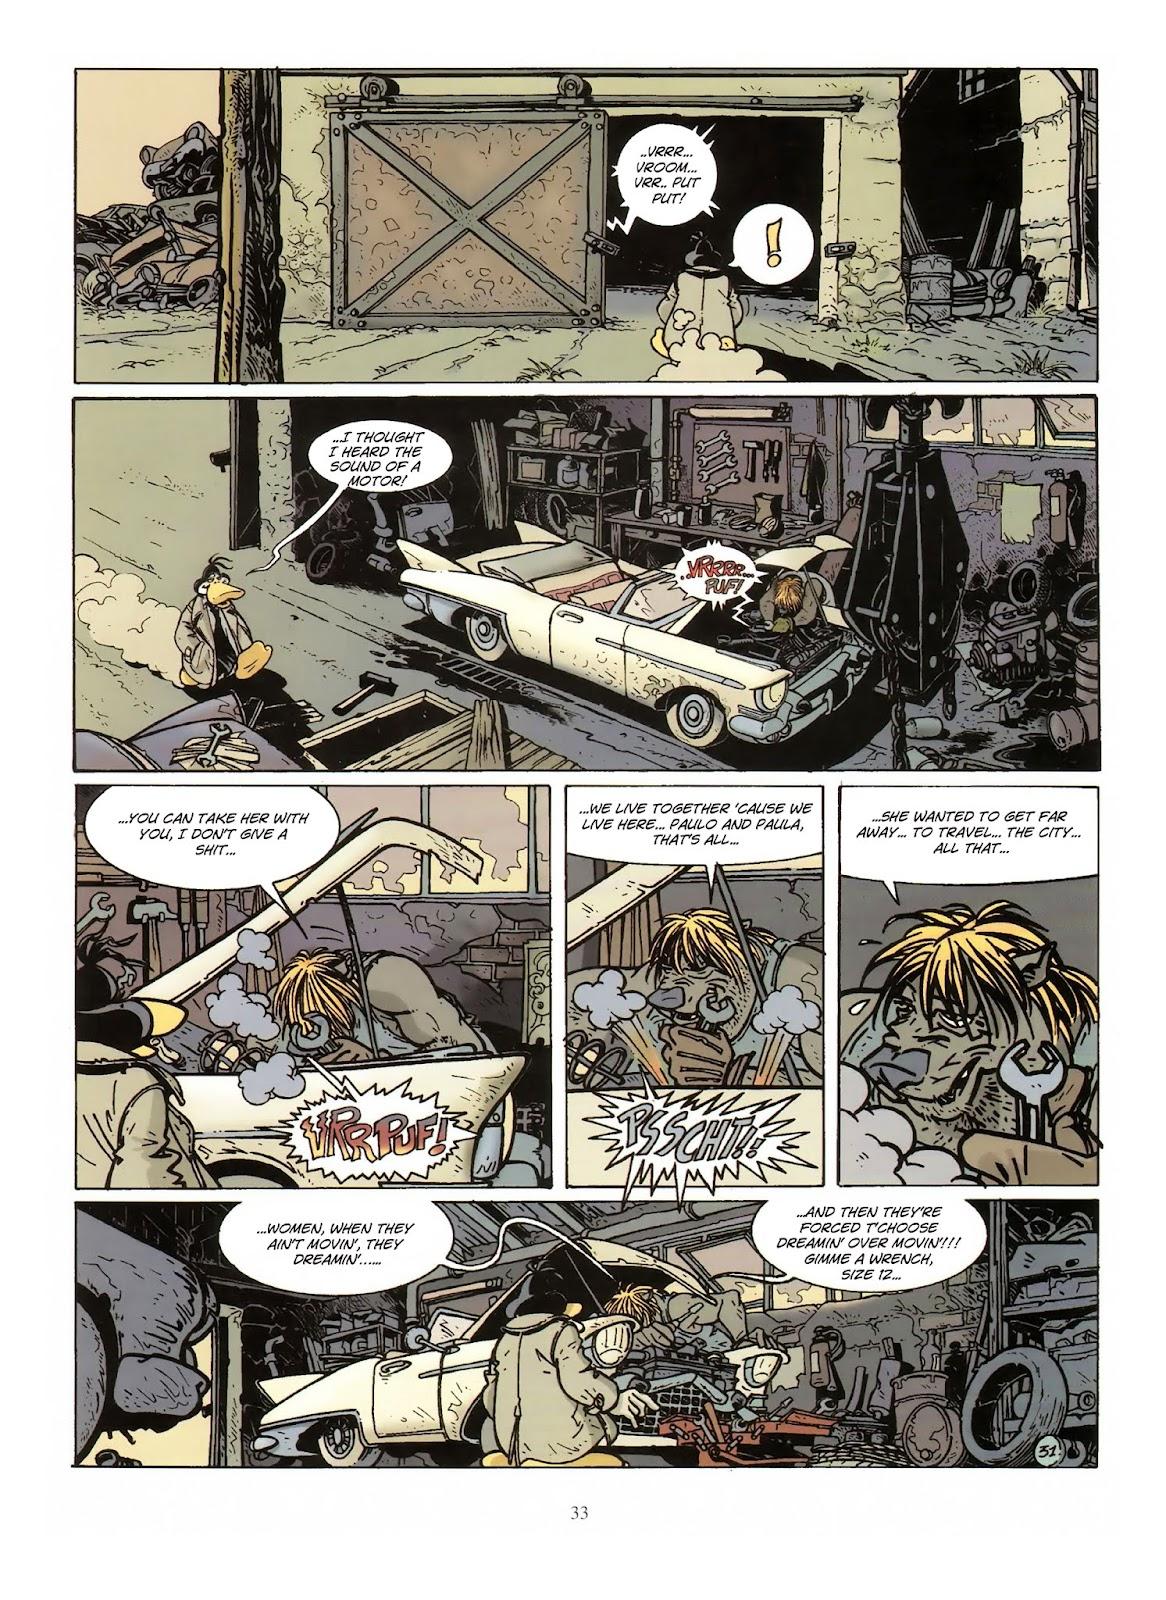 Une enquête de l'inspecteur Canardo issue 10 - Page 34